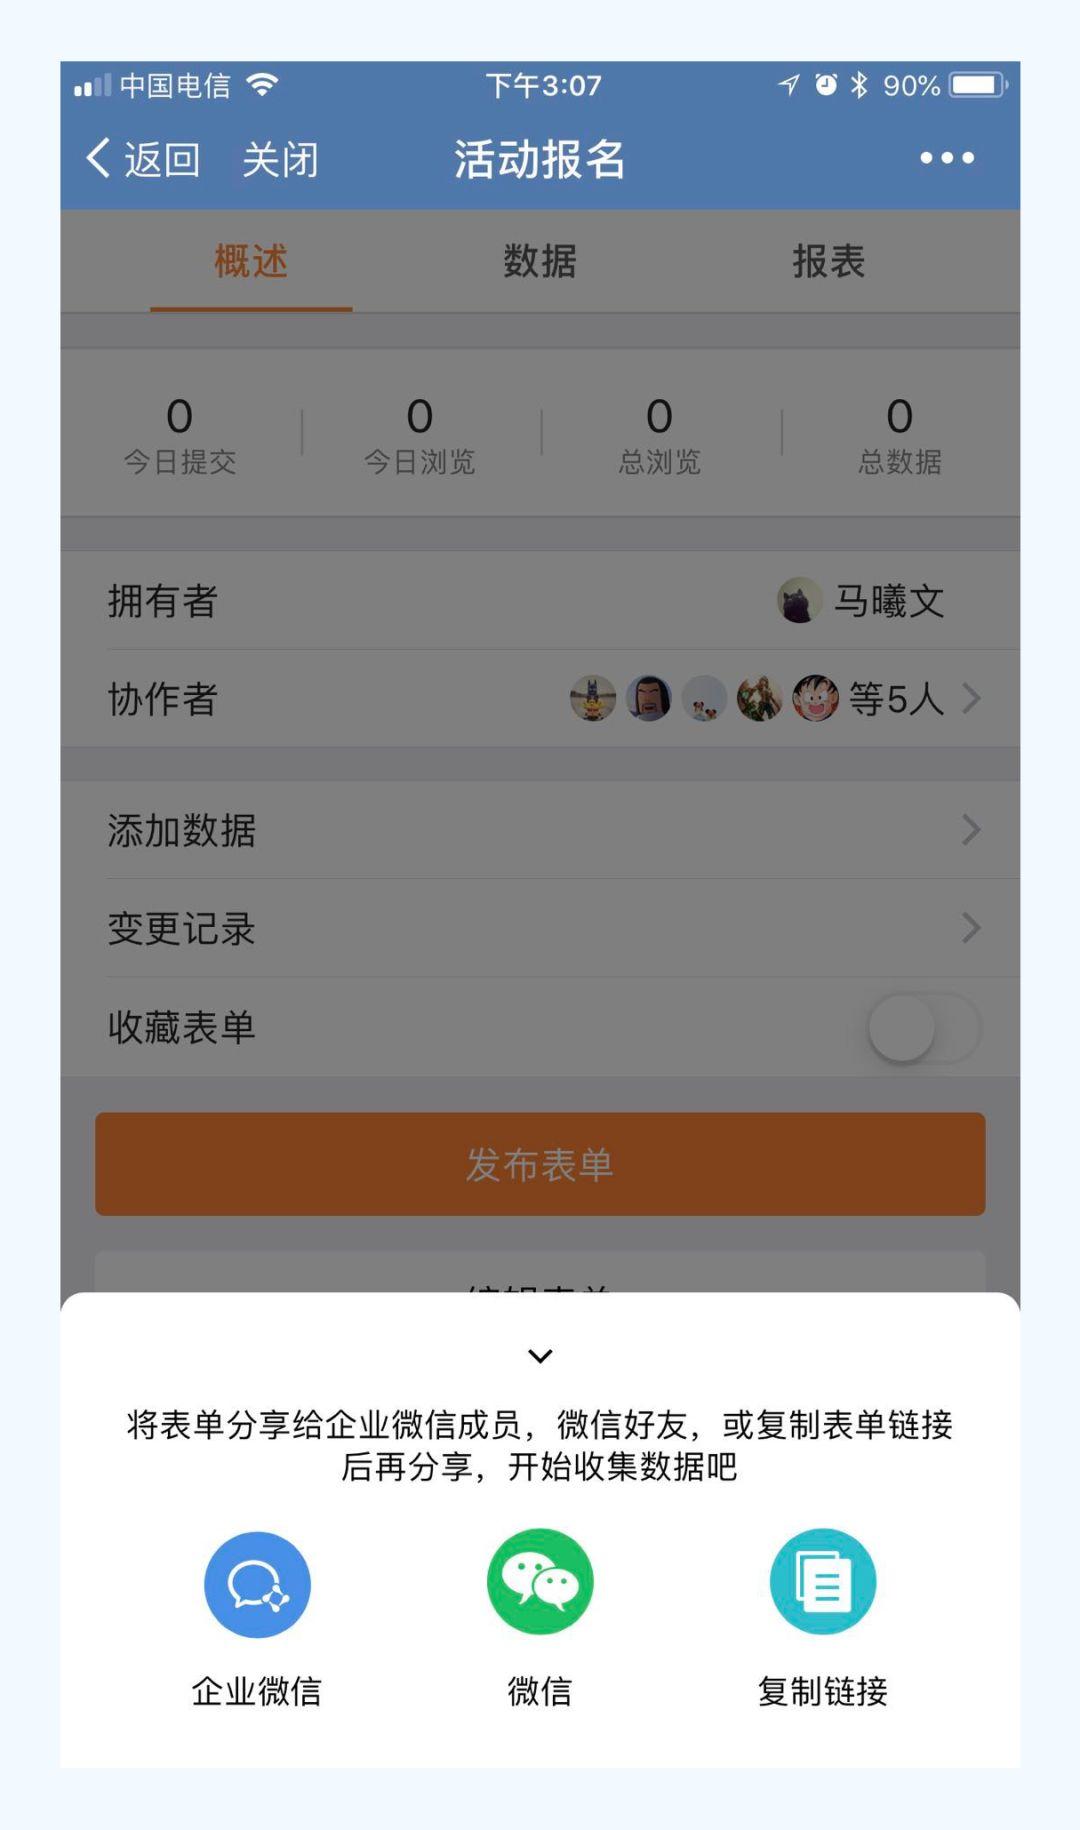 金数据×企业微信:您的高效办公协同应用,请签收!